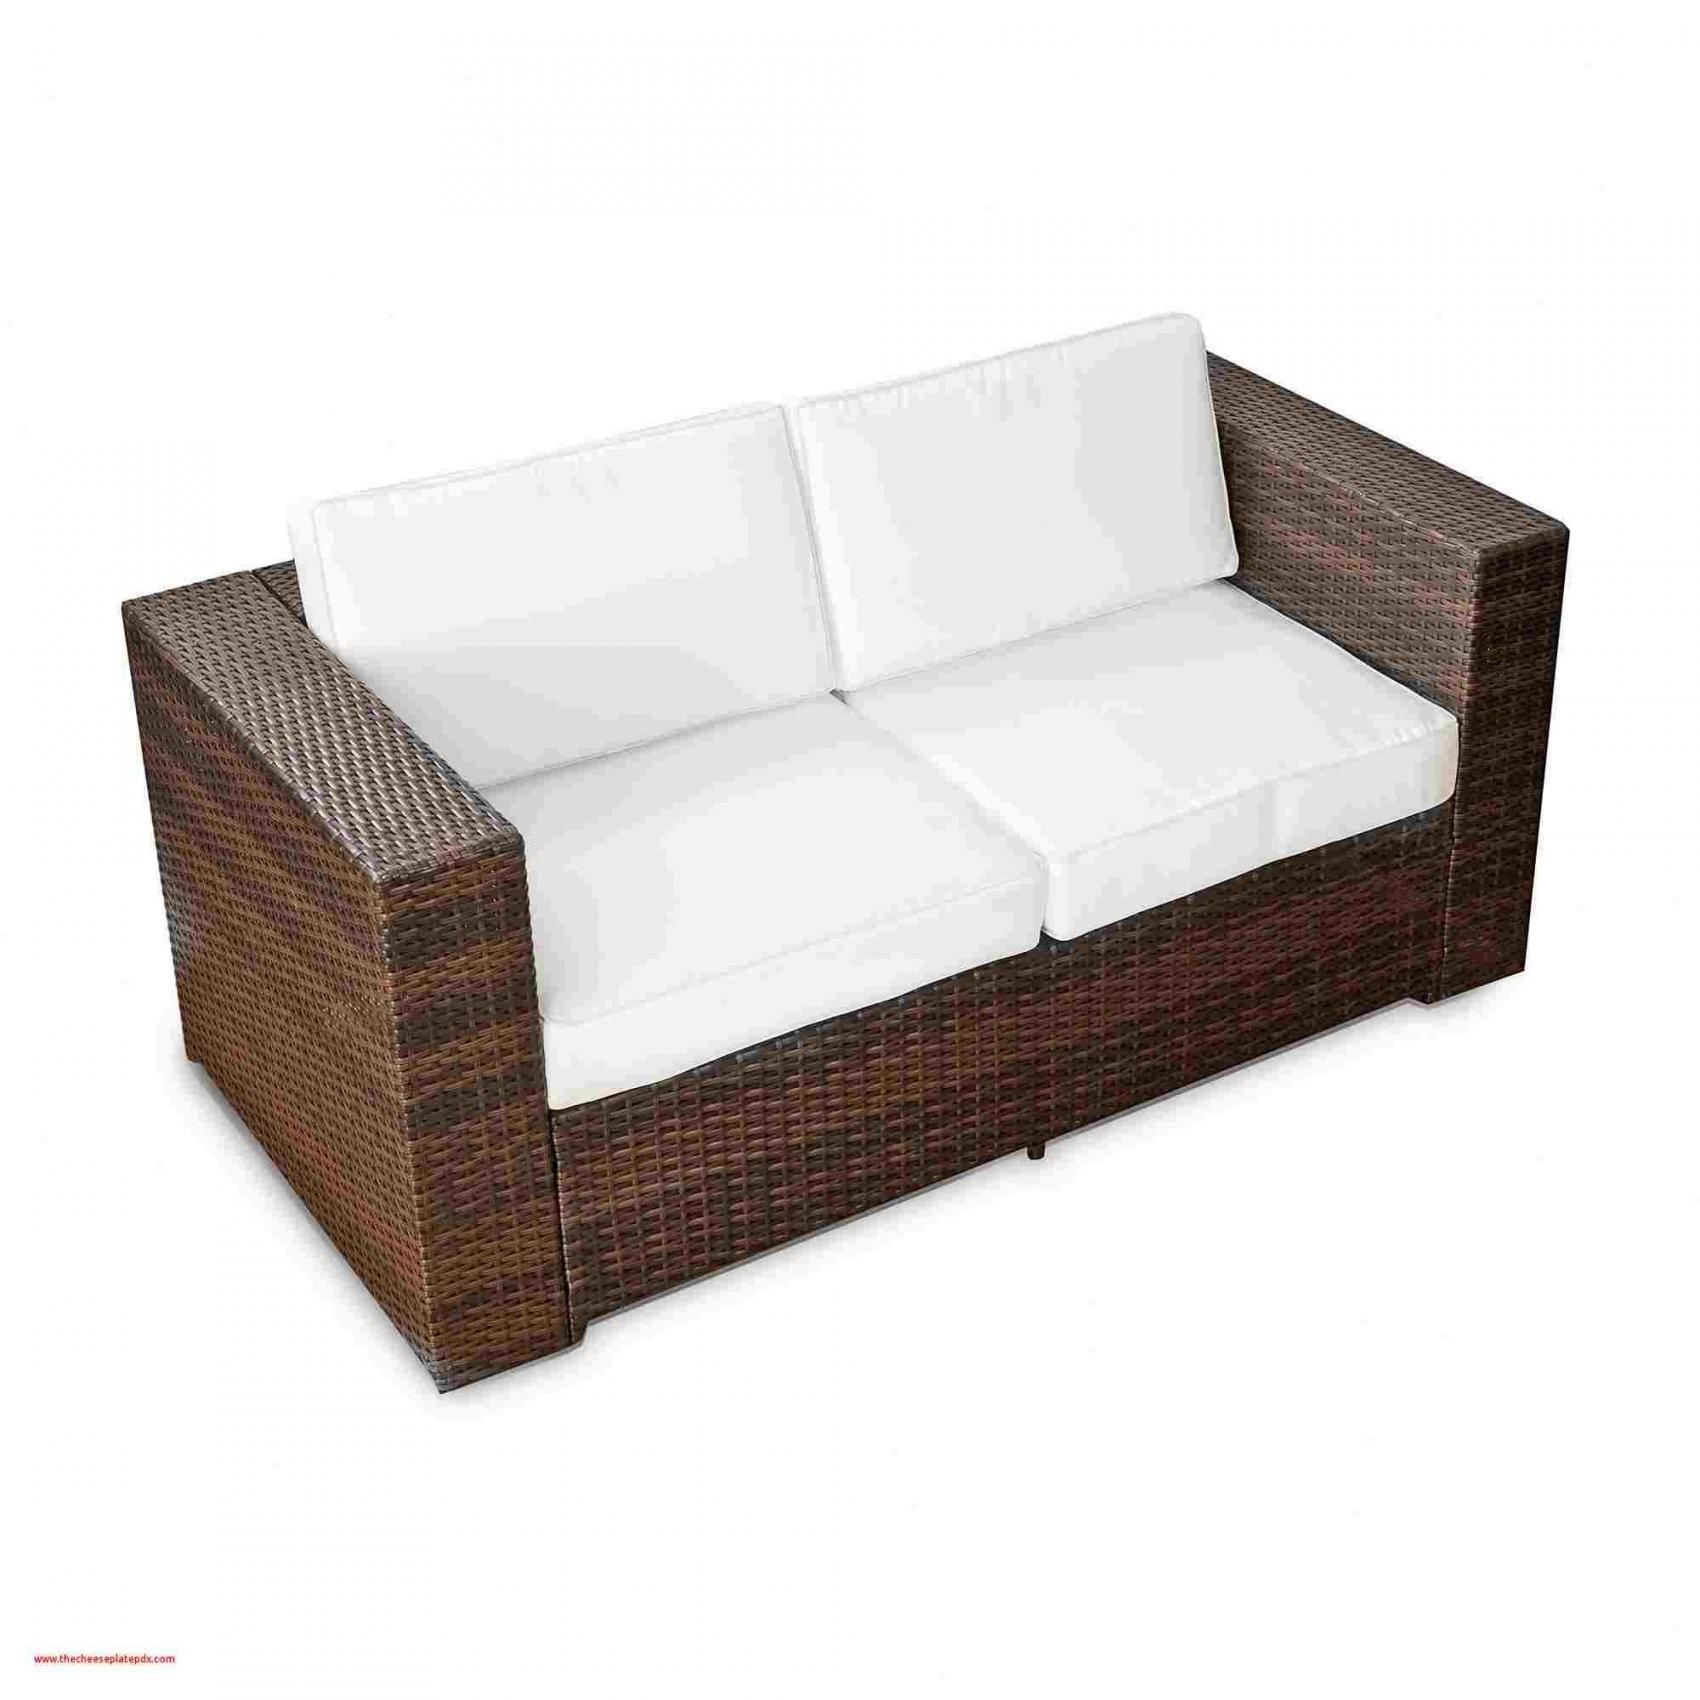 Einzigartig 2 Sitzer Sofa Poco  Couch Möbel  Pinterest  Sofa von 2 Sitzer Sofa Poco Bild